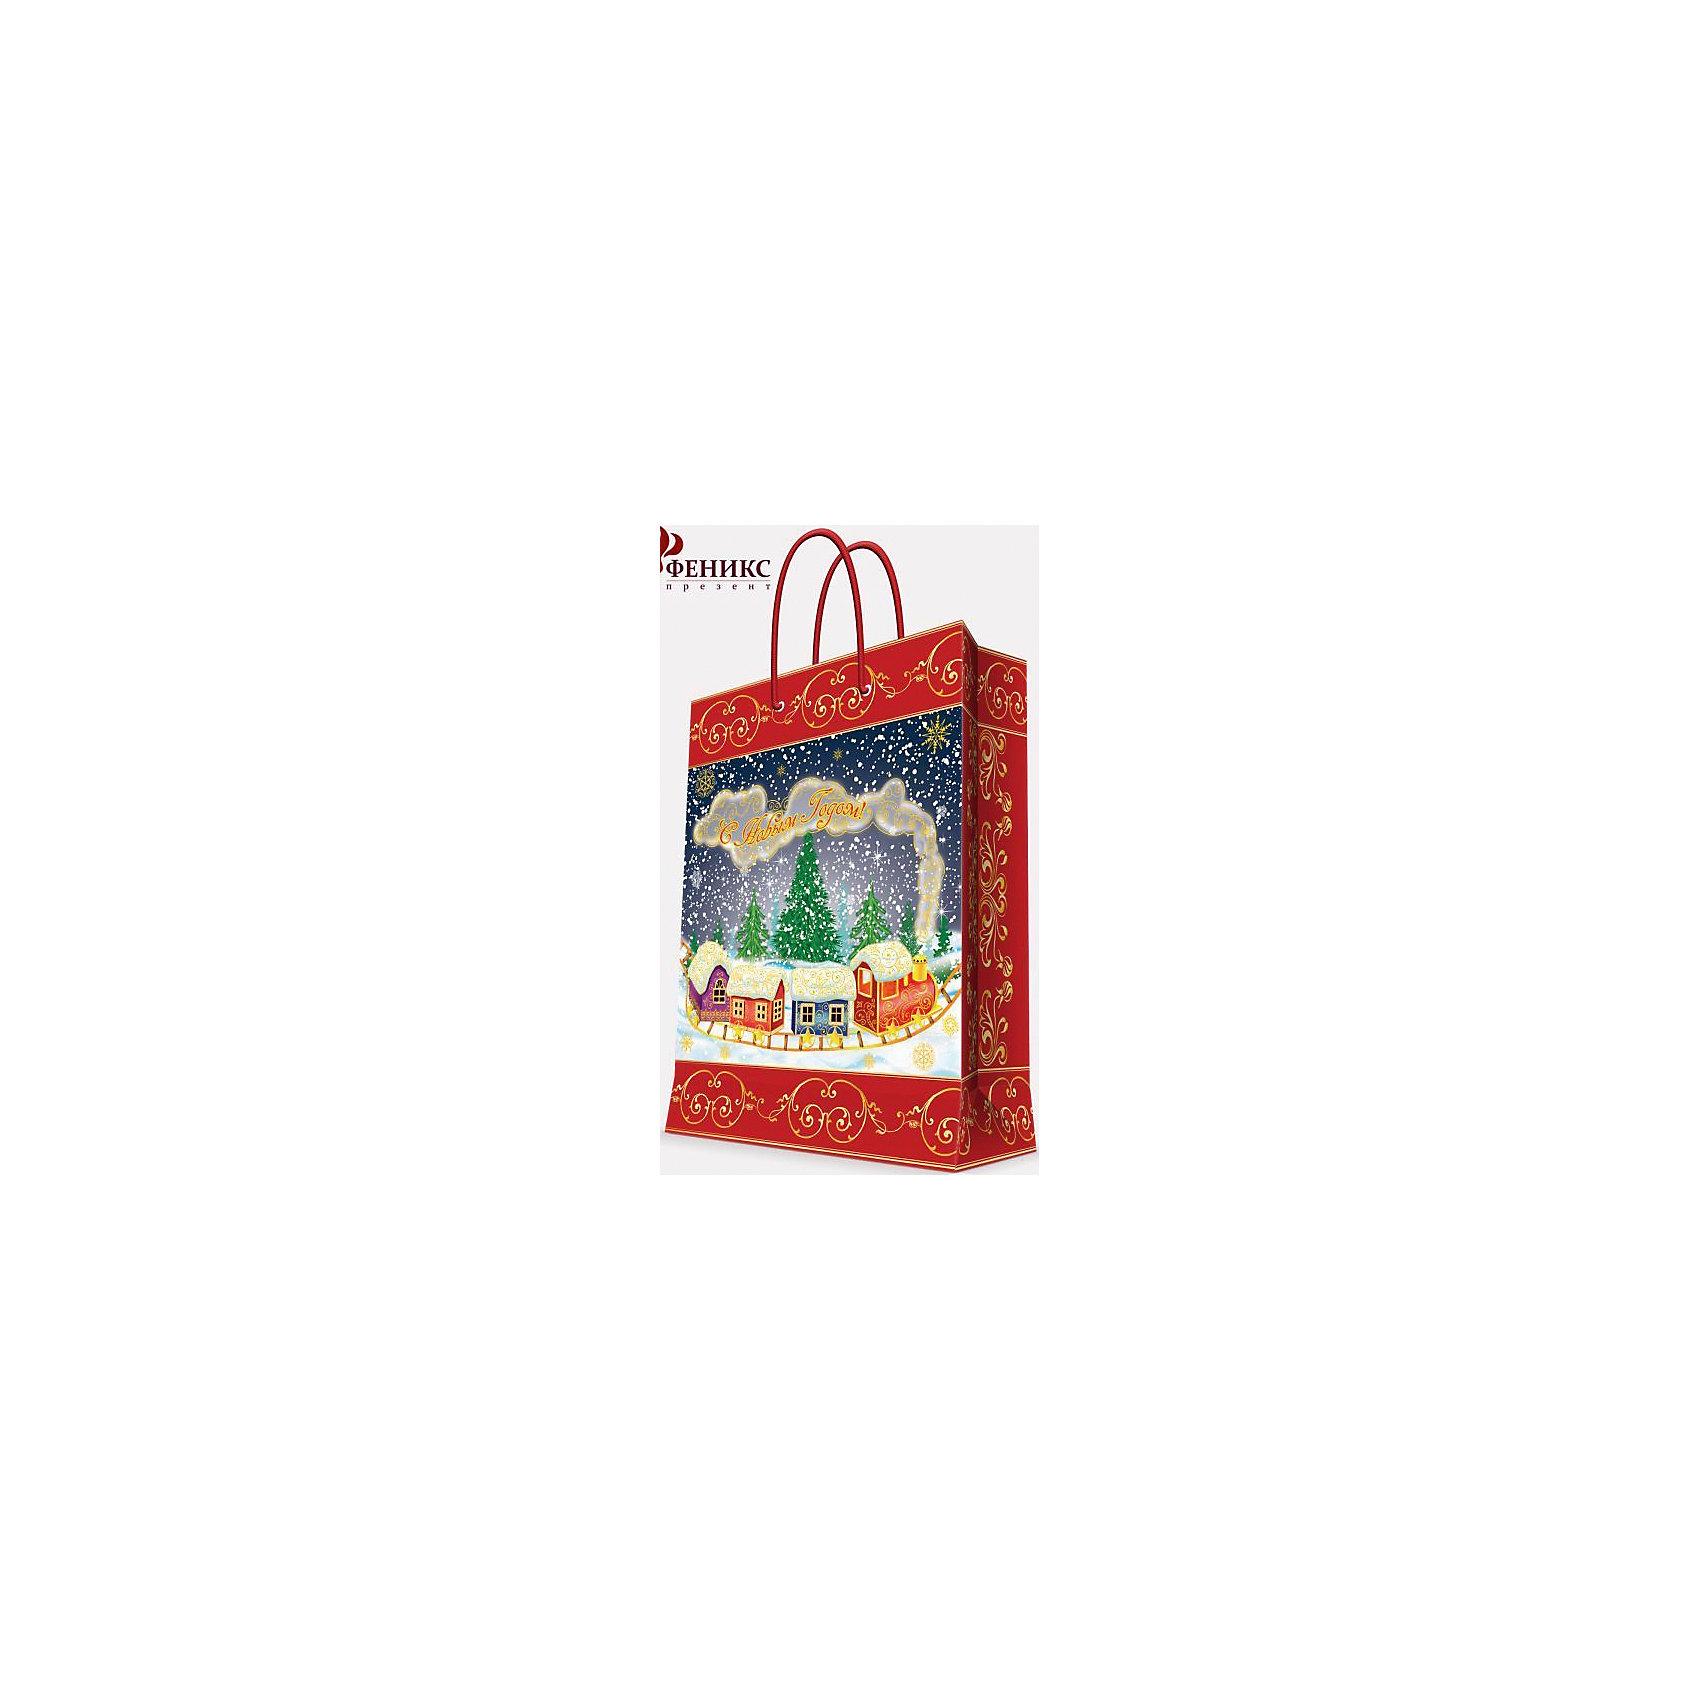 Подарочный пакет Паровозик 17,8*22,9*9,8 смВсё для праздника<br>Предновогодние хлопоты многие любят даже больше самого праздника! Праздничное настроение создает украшенный дом, наряженная ёлка, запах мандаринов, предновогодняя суета и, конечно же, подарки! Чтобы сделать момент вручения приятнее, нужен красивый подарочный пакет.<br>Этот пакет украшен симпатичным универсальным рисунком, поэтому в него можно упаковать подарок и родственнику, и коллеге. Он сделан из безопасного для детей, прочного, но легкого, материала. Создайте с ним праздничное настроение себе и близким!<br><br>Дополнительная информация:<br><br>плотность бумаги: 140 г/м2;<br>размер: 18 х 23 х 10 см;<br>с ламинацией;<br>украшен рисунком.<br><br>Подарочный пакет Паровозик 17,8*22,9*9,8 см можно купить в нашем магазине.<br><br>Ширина мм: 178<br>Глубина мм: 229<br>Высота мм: 98<br>Вес г: 42<br>Возраст от месяцев: 36<br>Возраст до месяцев: 2147483647<br>Пол: Унисекс<br>Возраст: Детский<br>SKU: 4981578